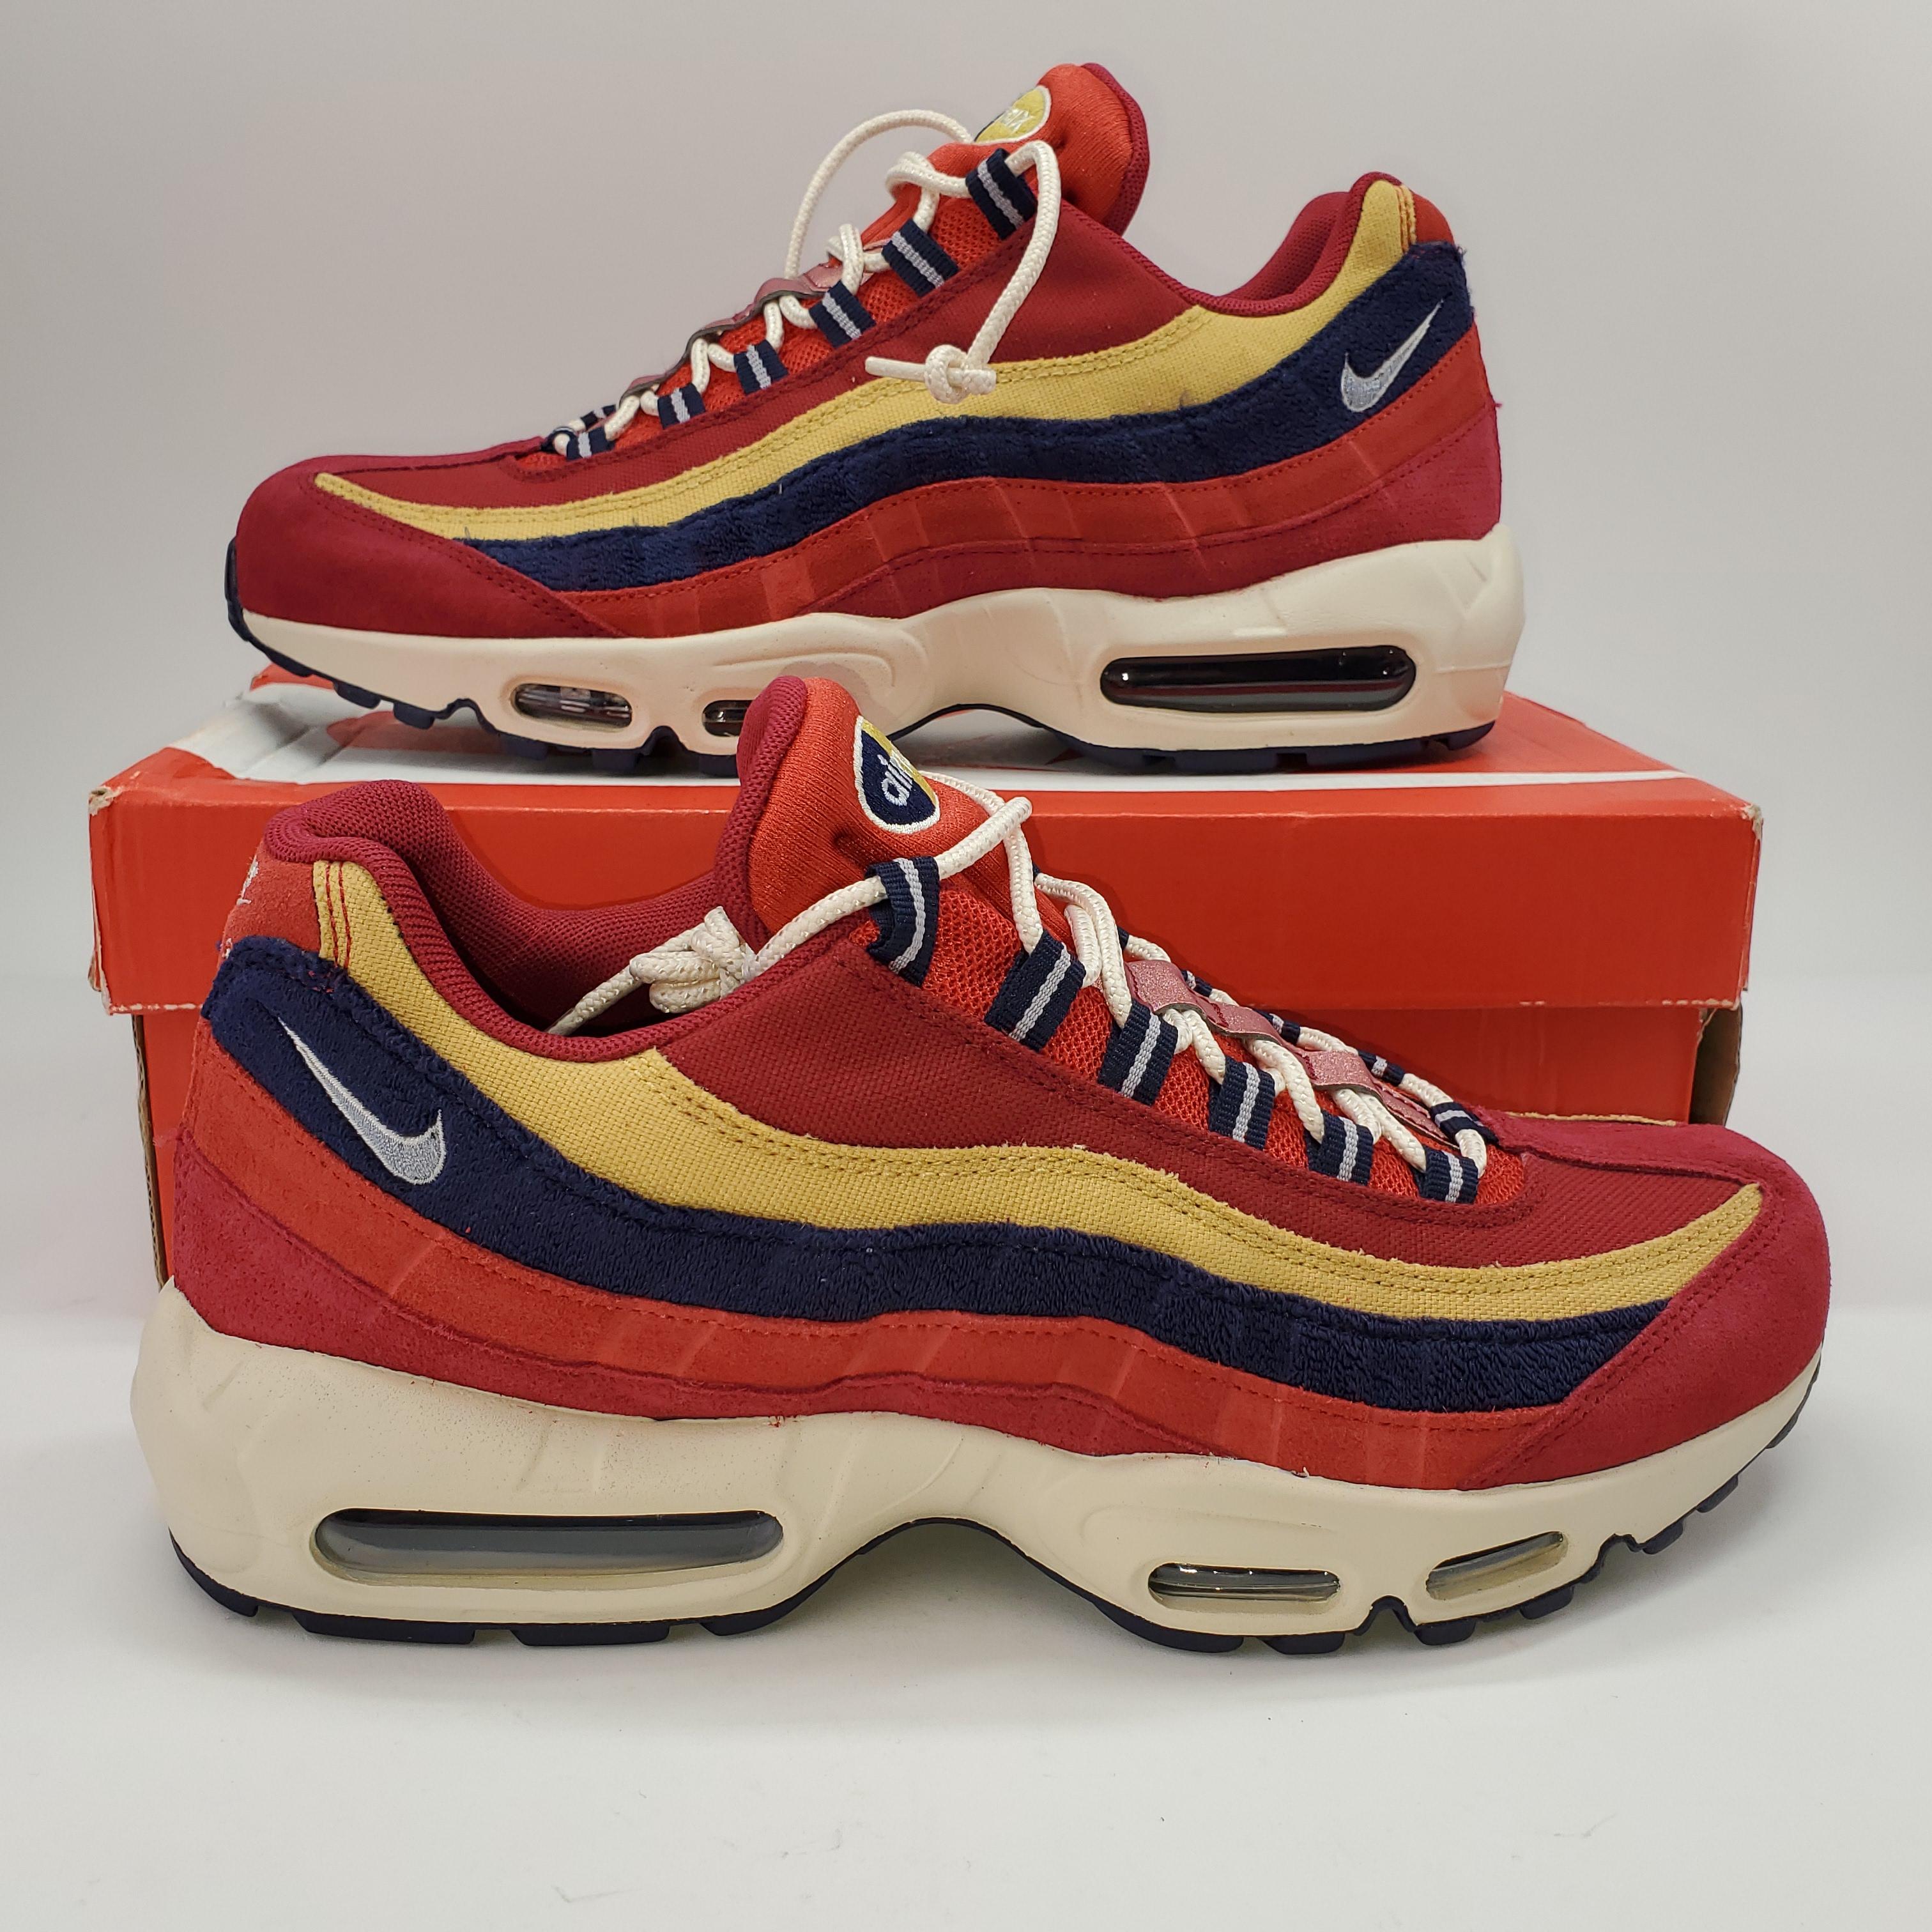 NEW Nike Air Max 95 Premium Red Crush Running Shoes